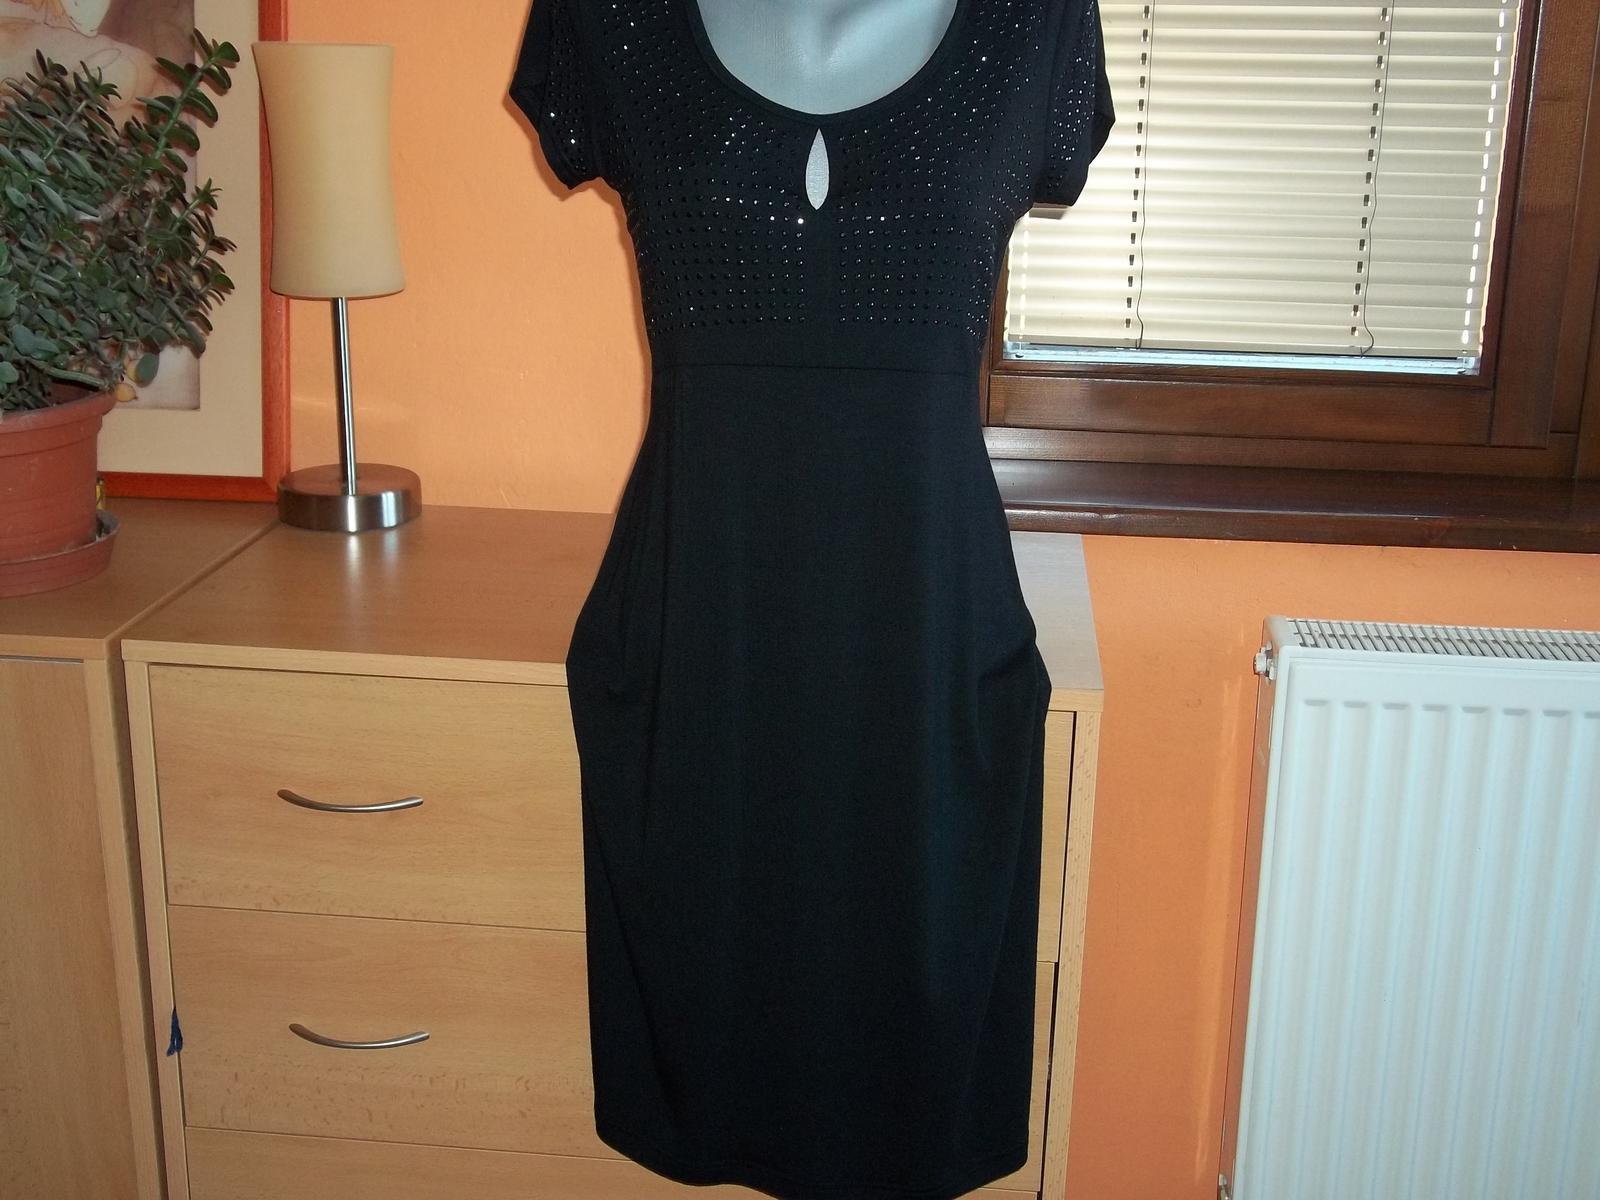 Čierne šaty,nenosené,veľ.36/38 - Obrázok č. 1